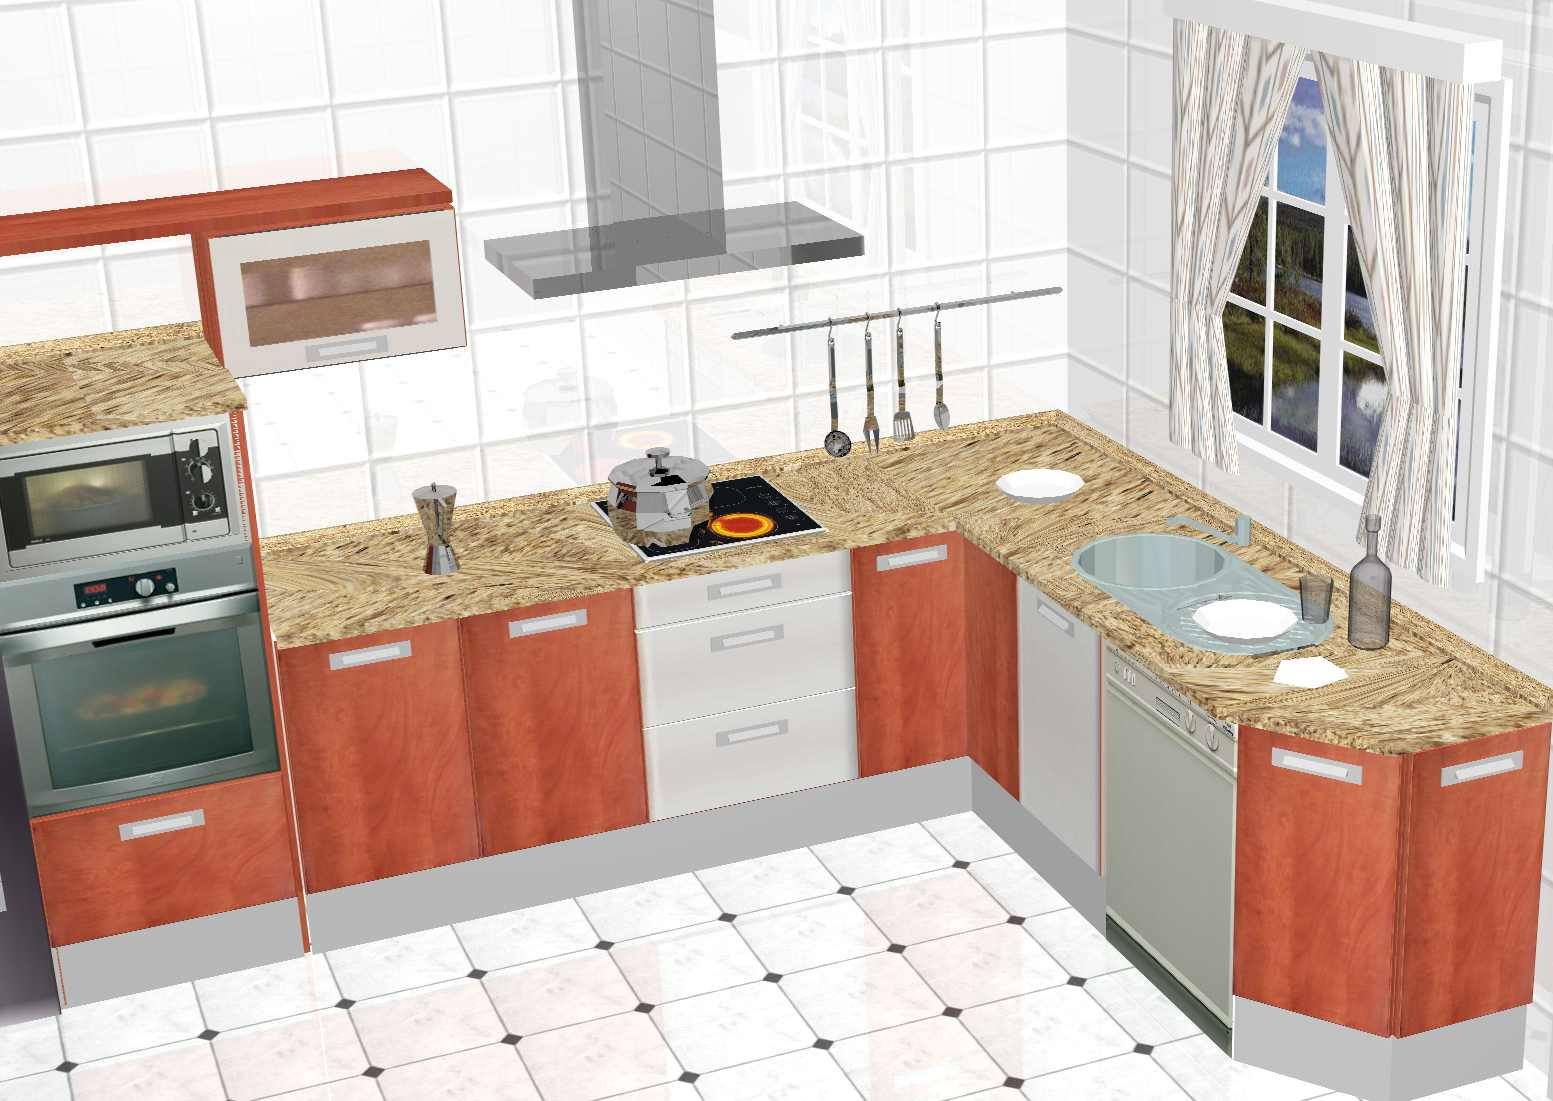 Dise o de cocinas en 3d fotorealismo planos dise o de - Cocinas con diseno ...